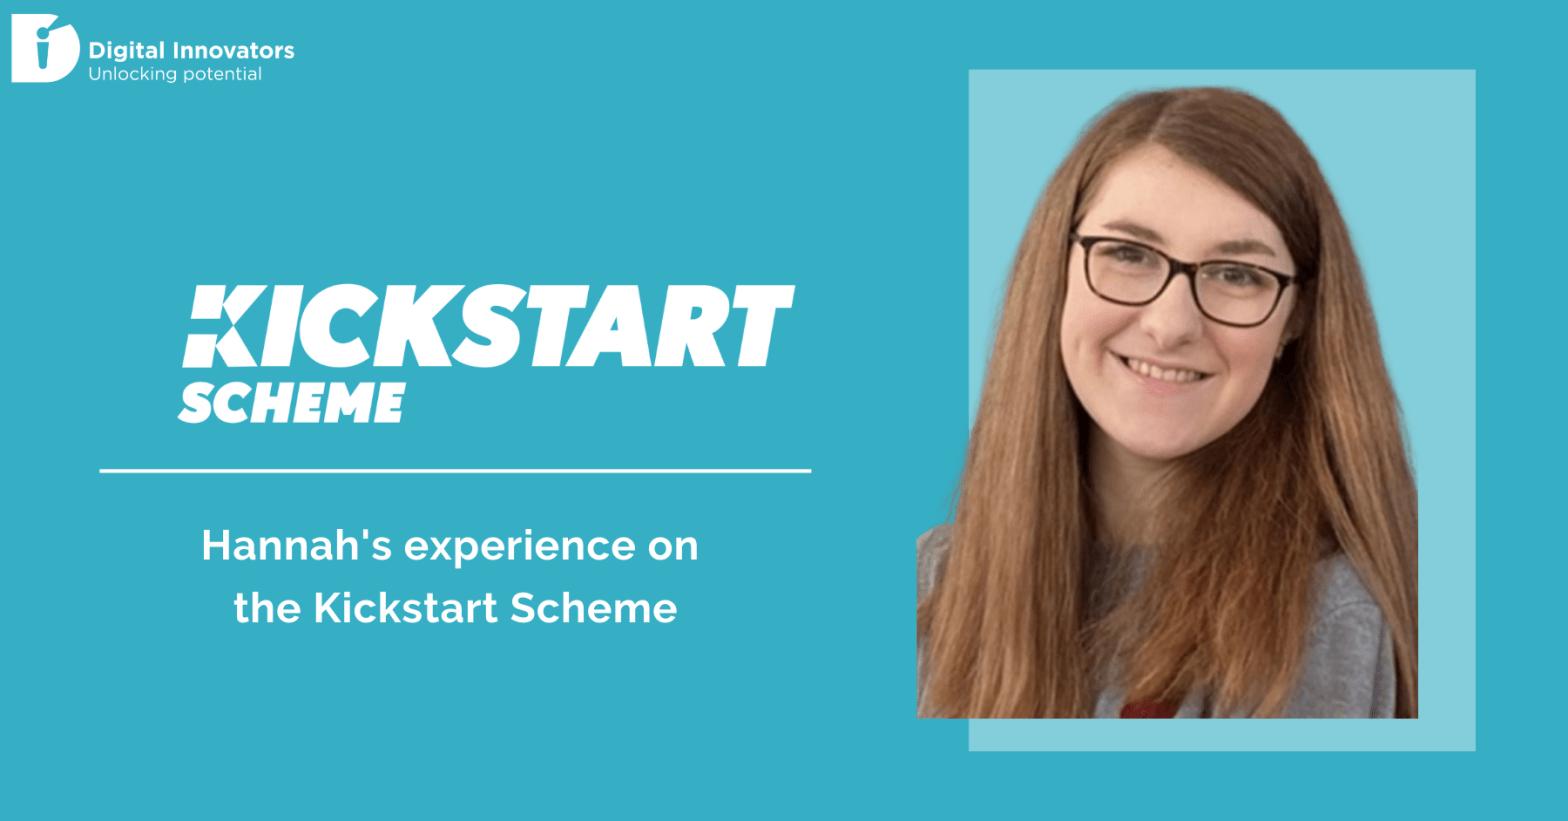 Kickstart Scheme - Hannah's experience on the Kickstart Scheme